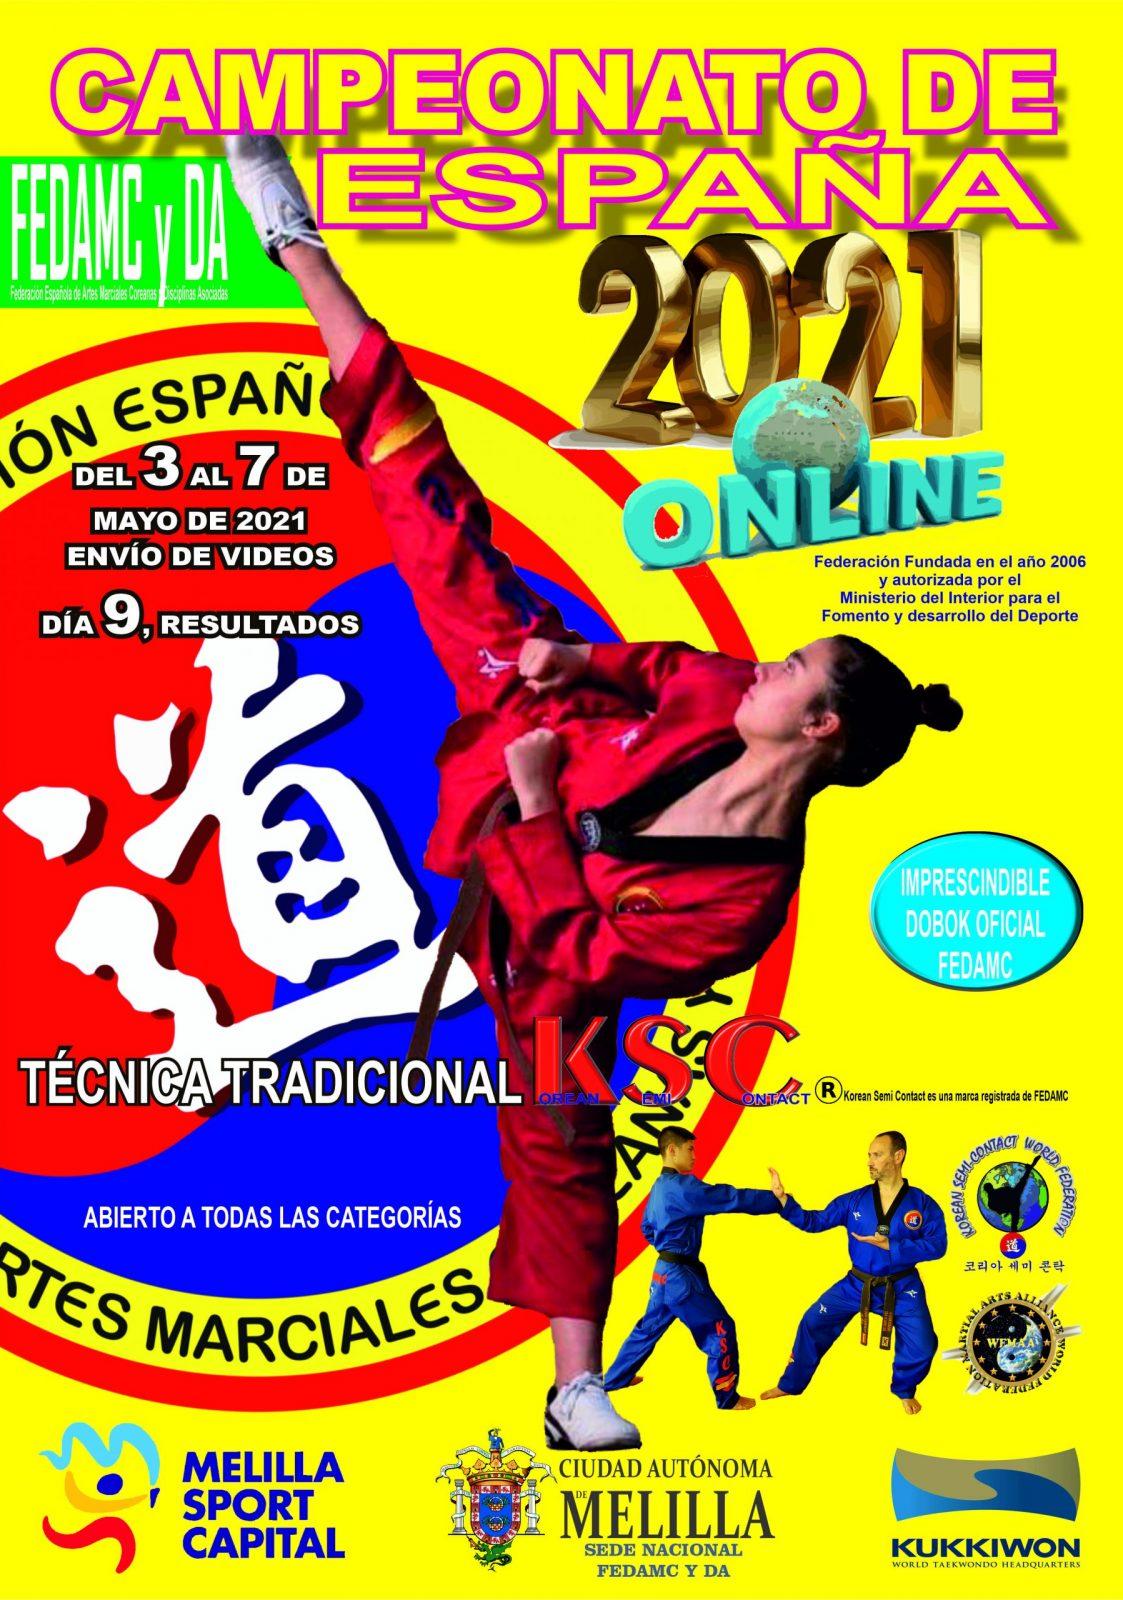 CAMPEONATO DE ESPAÑA ONLINE 2021